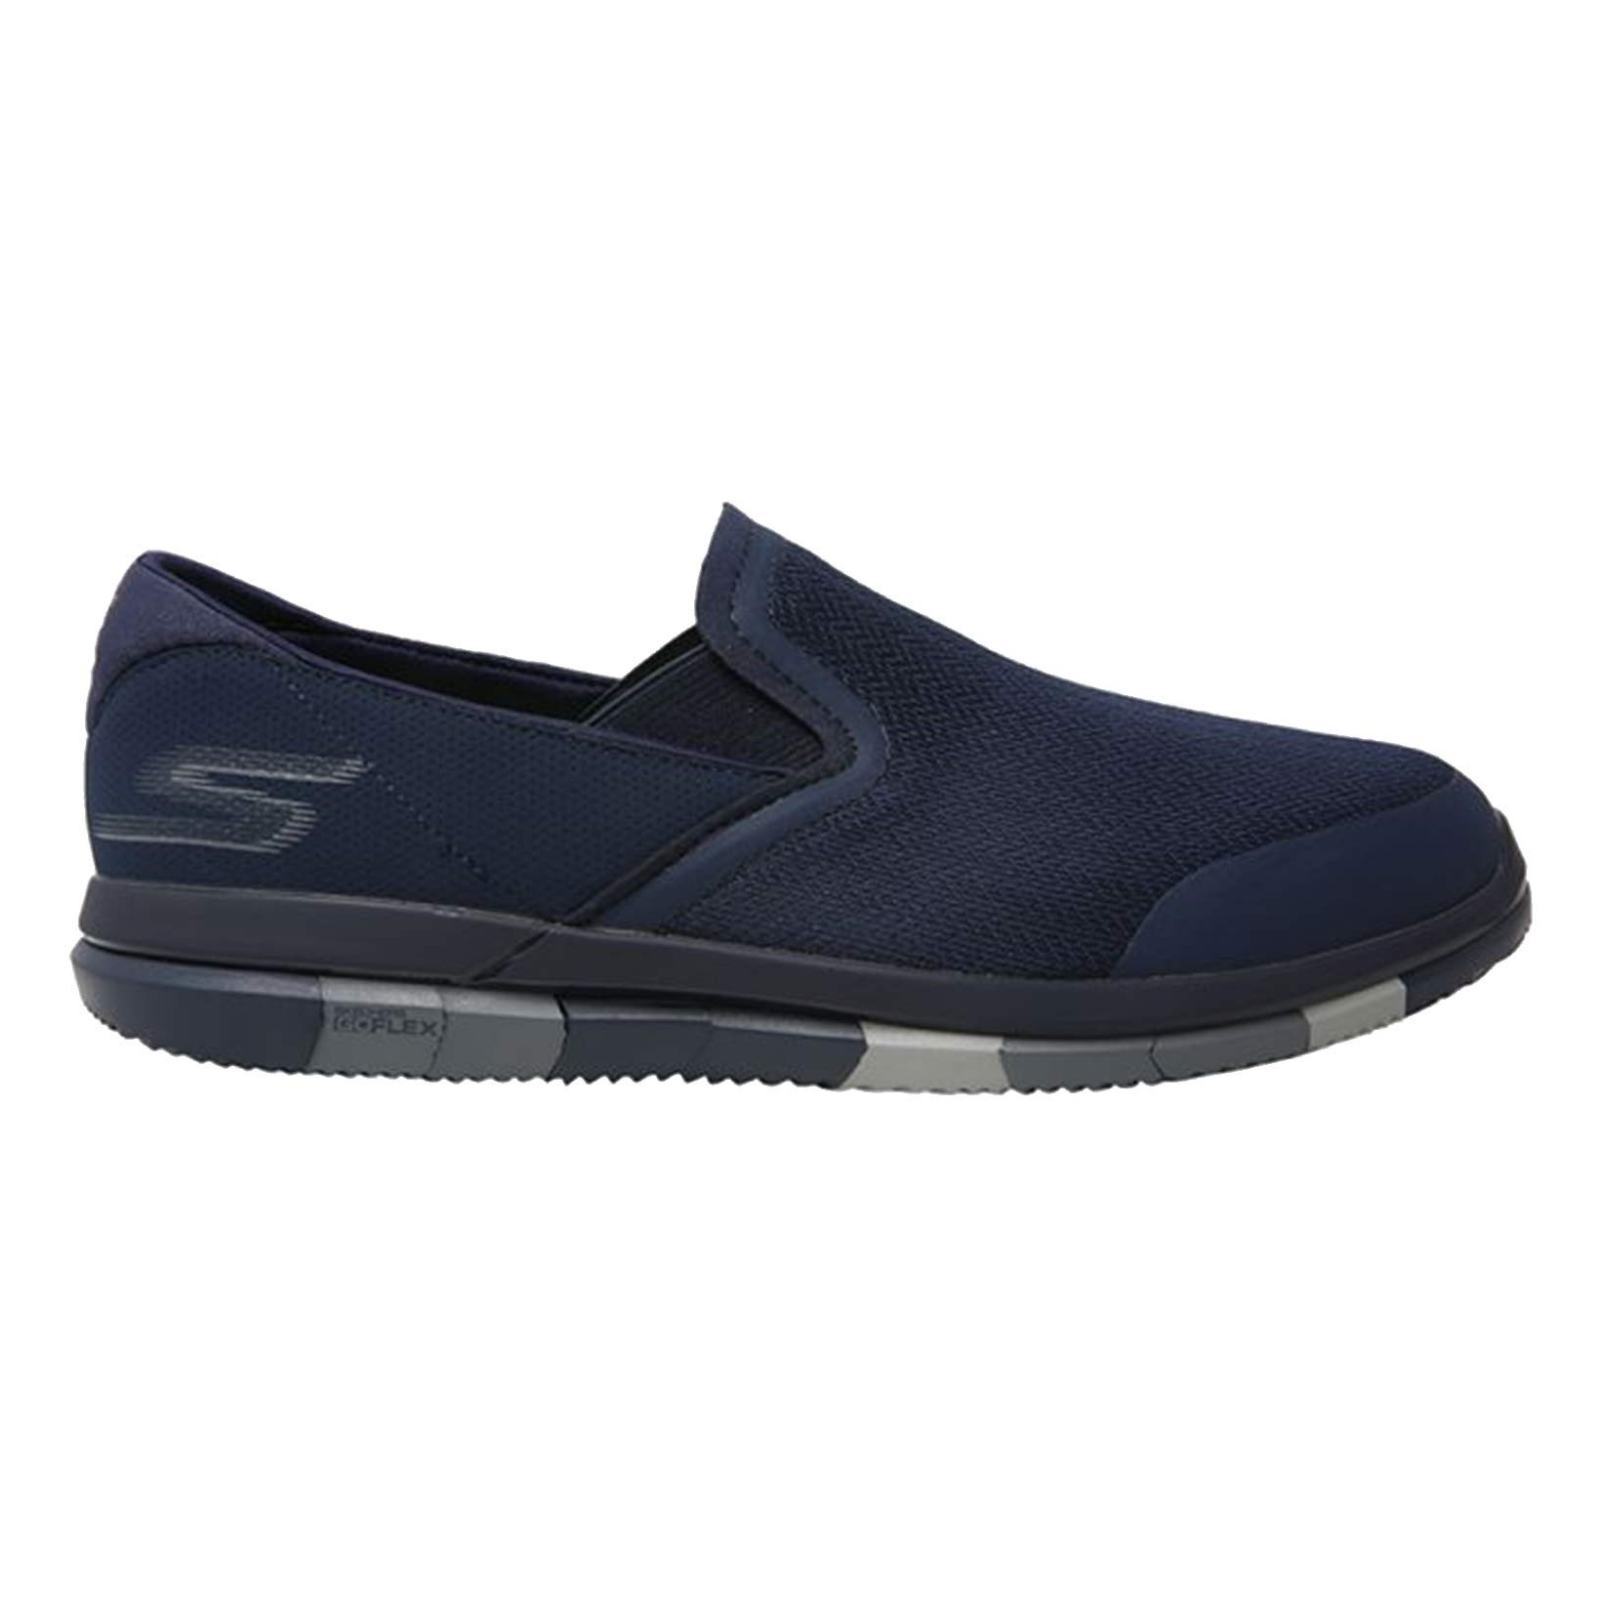 کفش پیاده روی پارچه ای مردانه GO FLEX Walk - اسکچرز - سرمه اي - 1